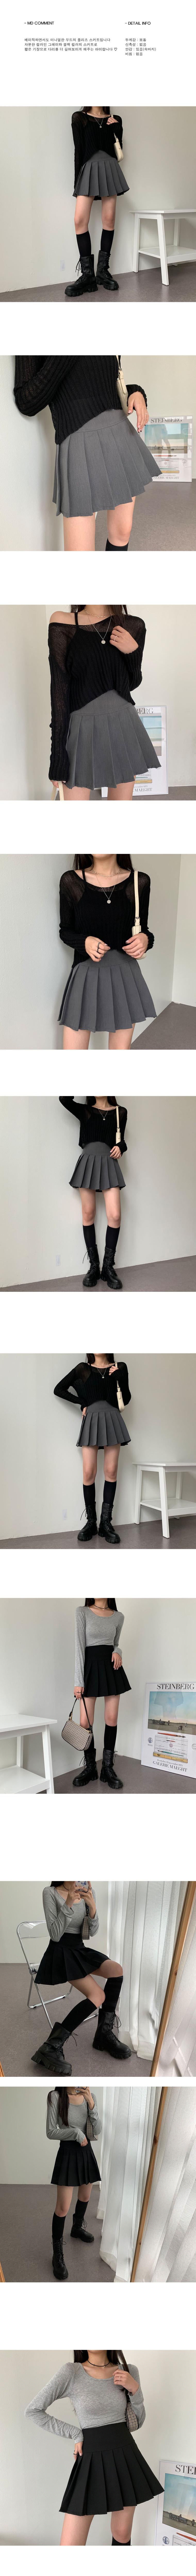 Minimalist short pleated tennis skirt